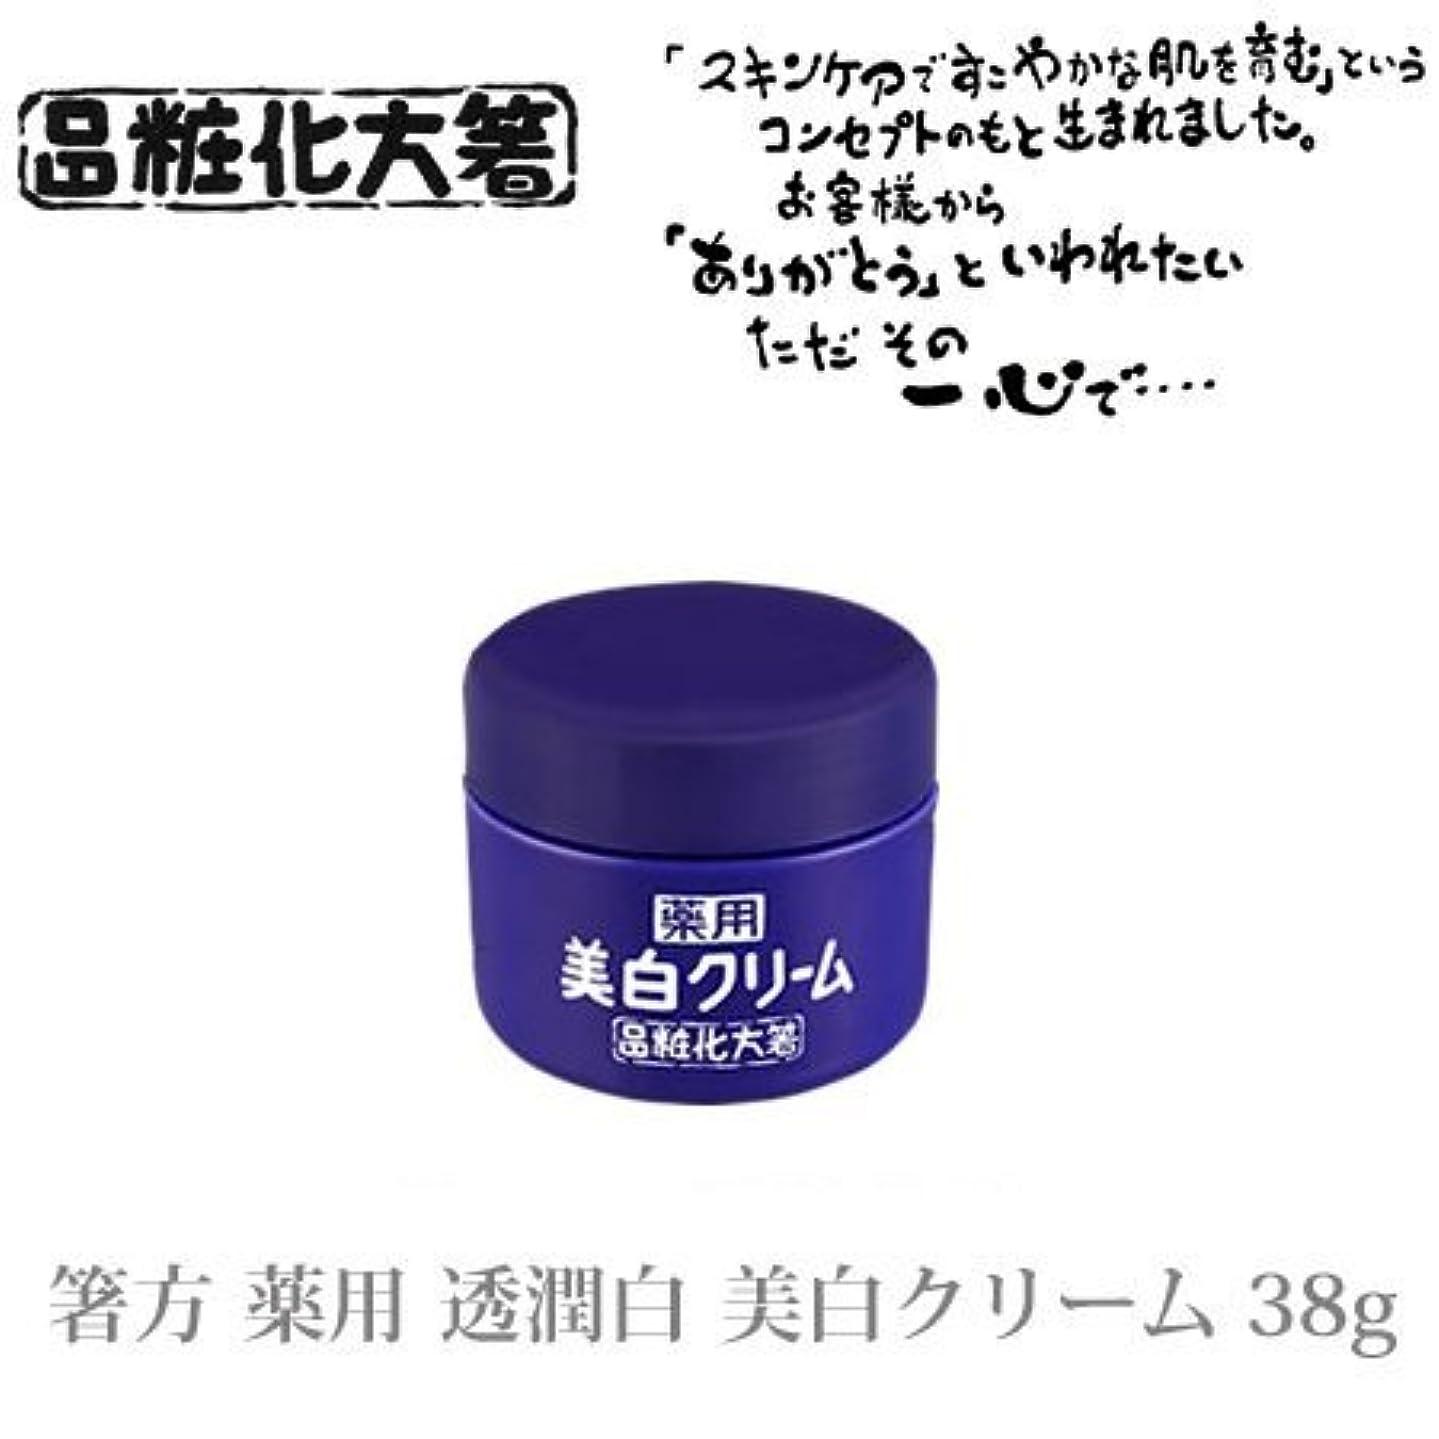 。感度トロイの木馬箸方化粧品 薬用 透潤白 美白クリーム 38g はしかた化粧品